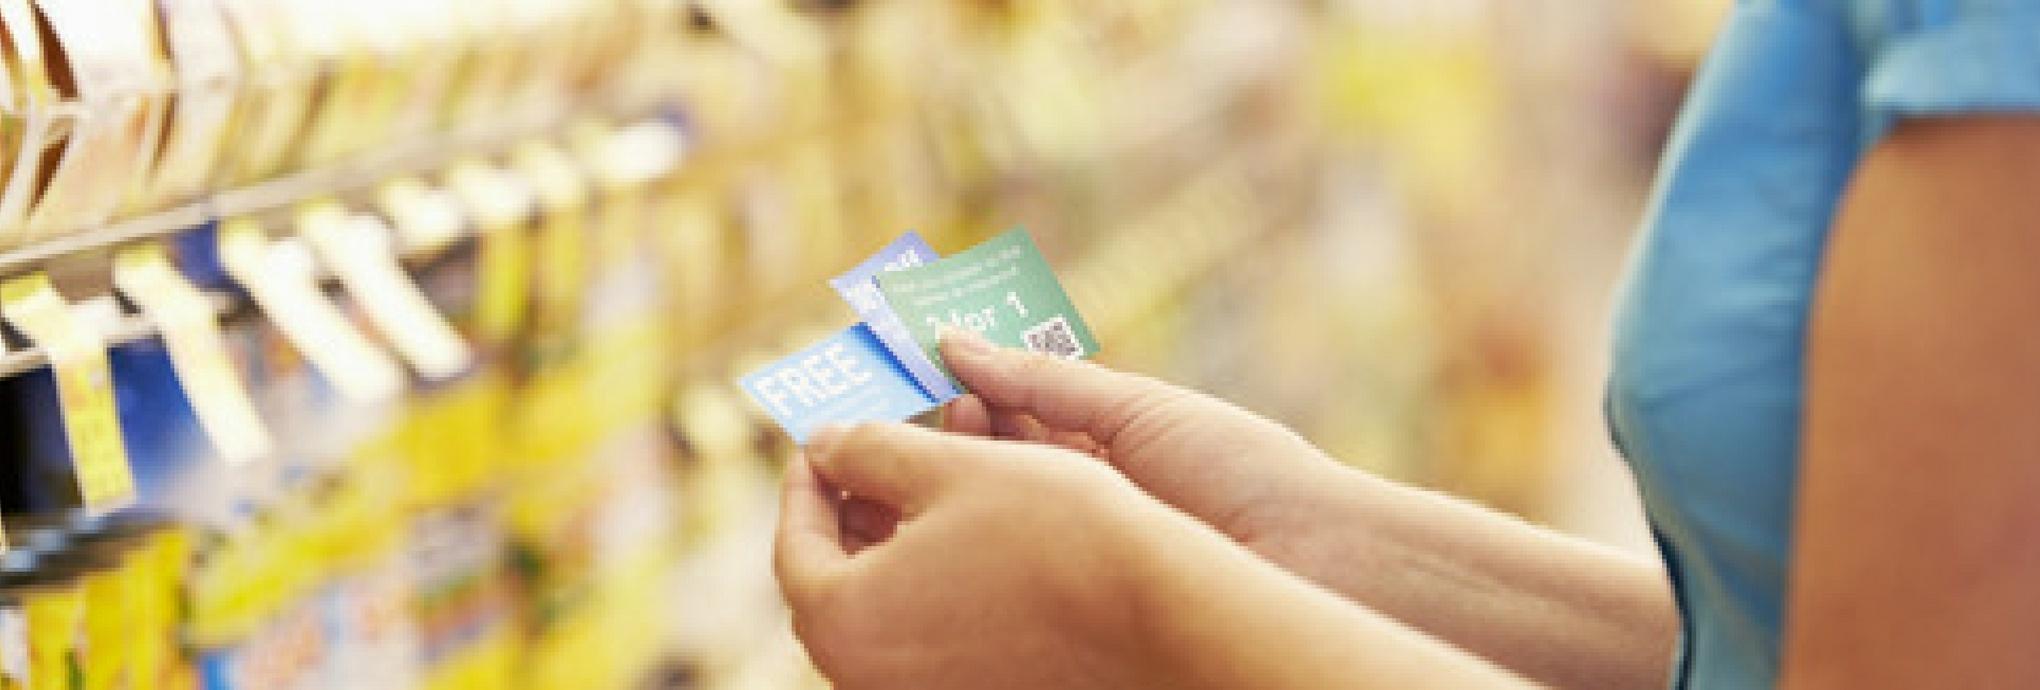 WMI_woman_shopping_coupons.jpg